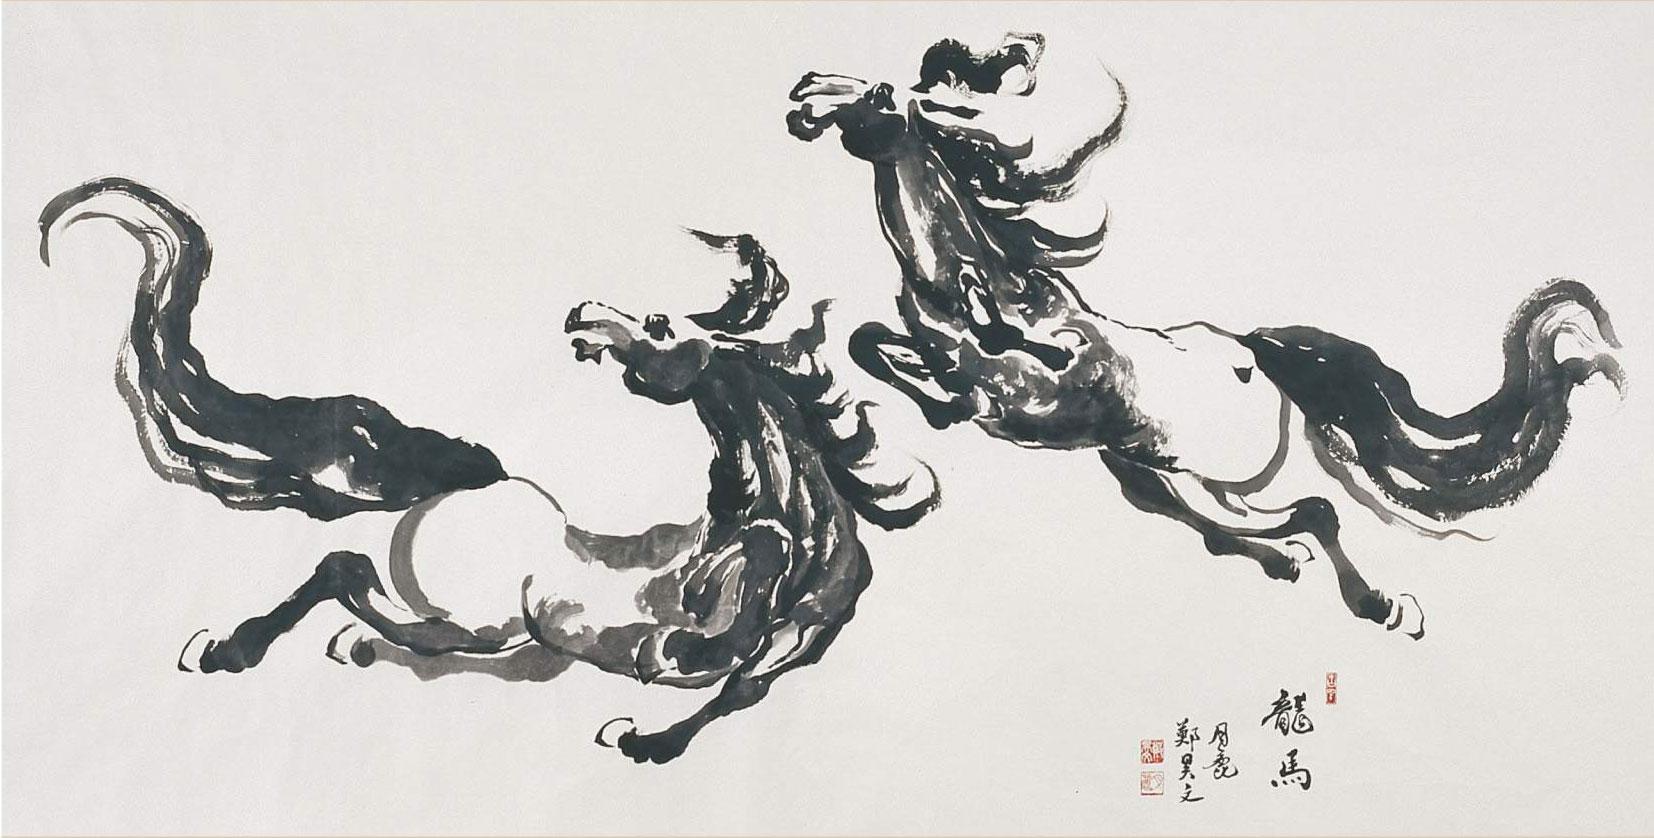 Dragon-Horse-Dragon-Horse-Dragon